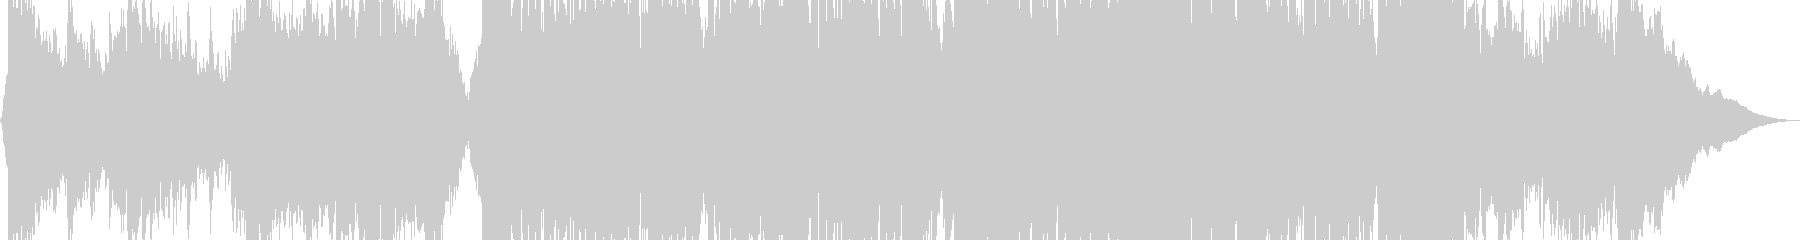 暗い、大気のカントリーロックの未再生の波形